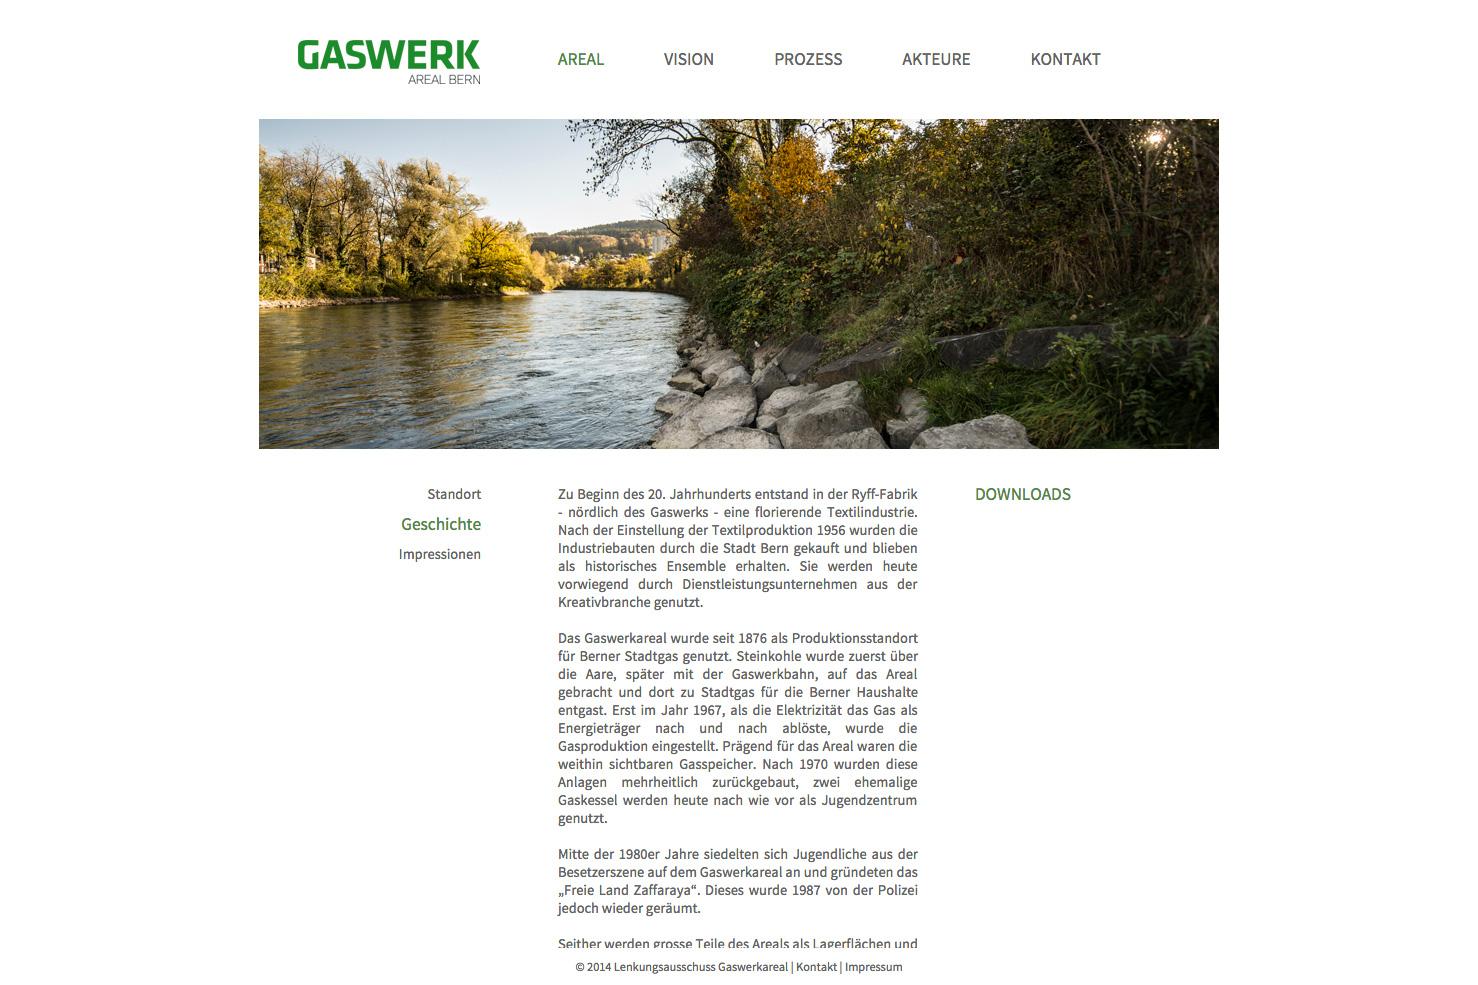 Bild 2 vom Gaswerkareal Webseite